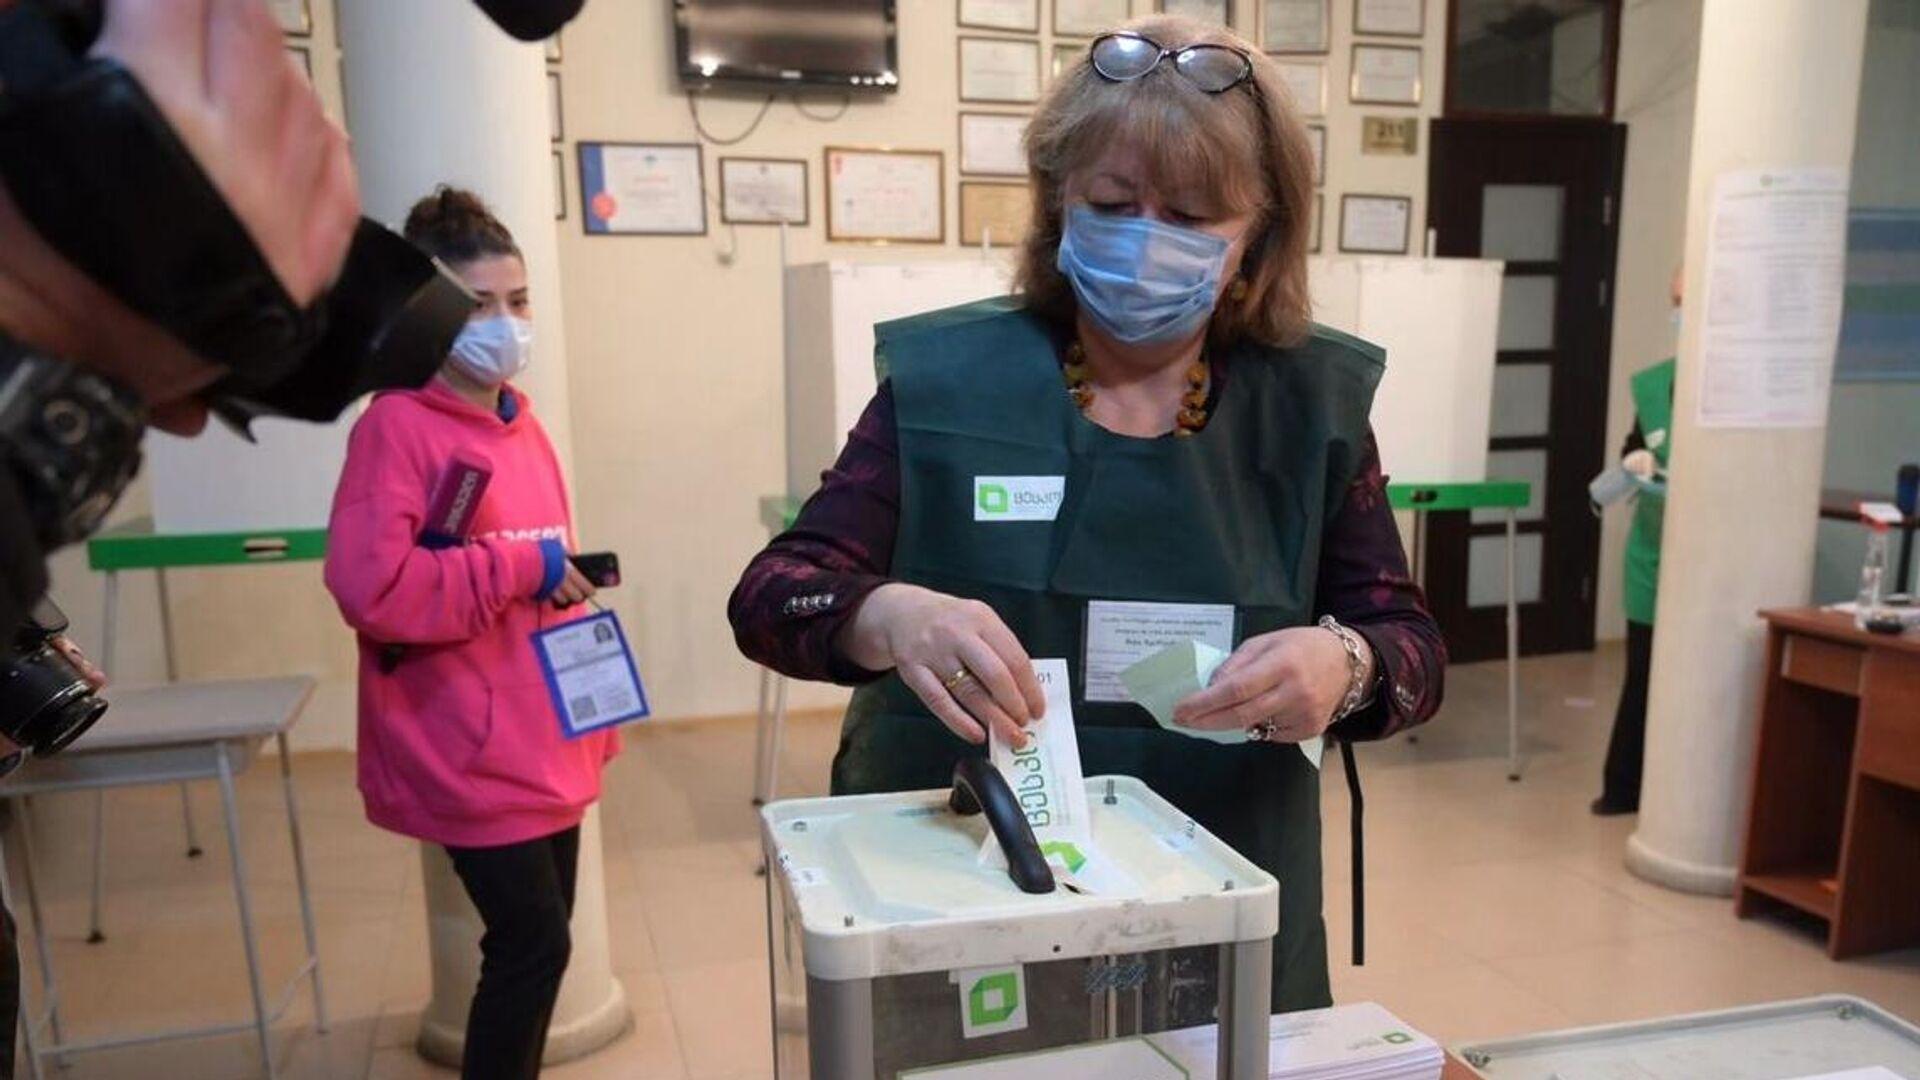 Женщина принимает участие в голосовании на парламентских выборах в Грузии на одном из избирательных участков в Тбилиси - РИА Новости, 1920, 01.11.2020